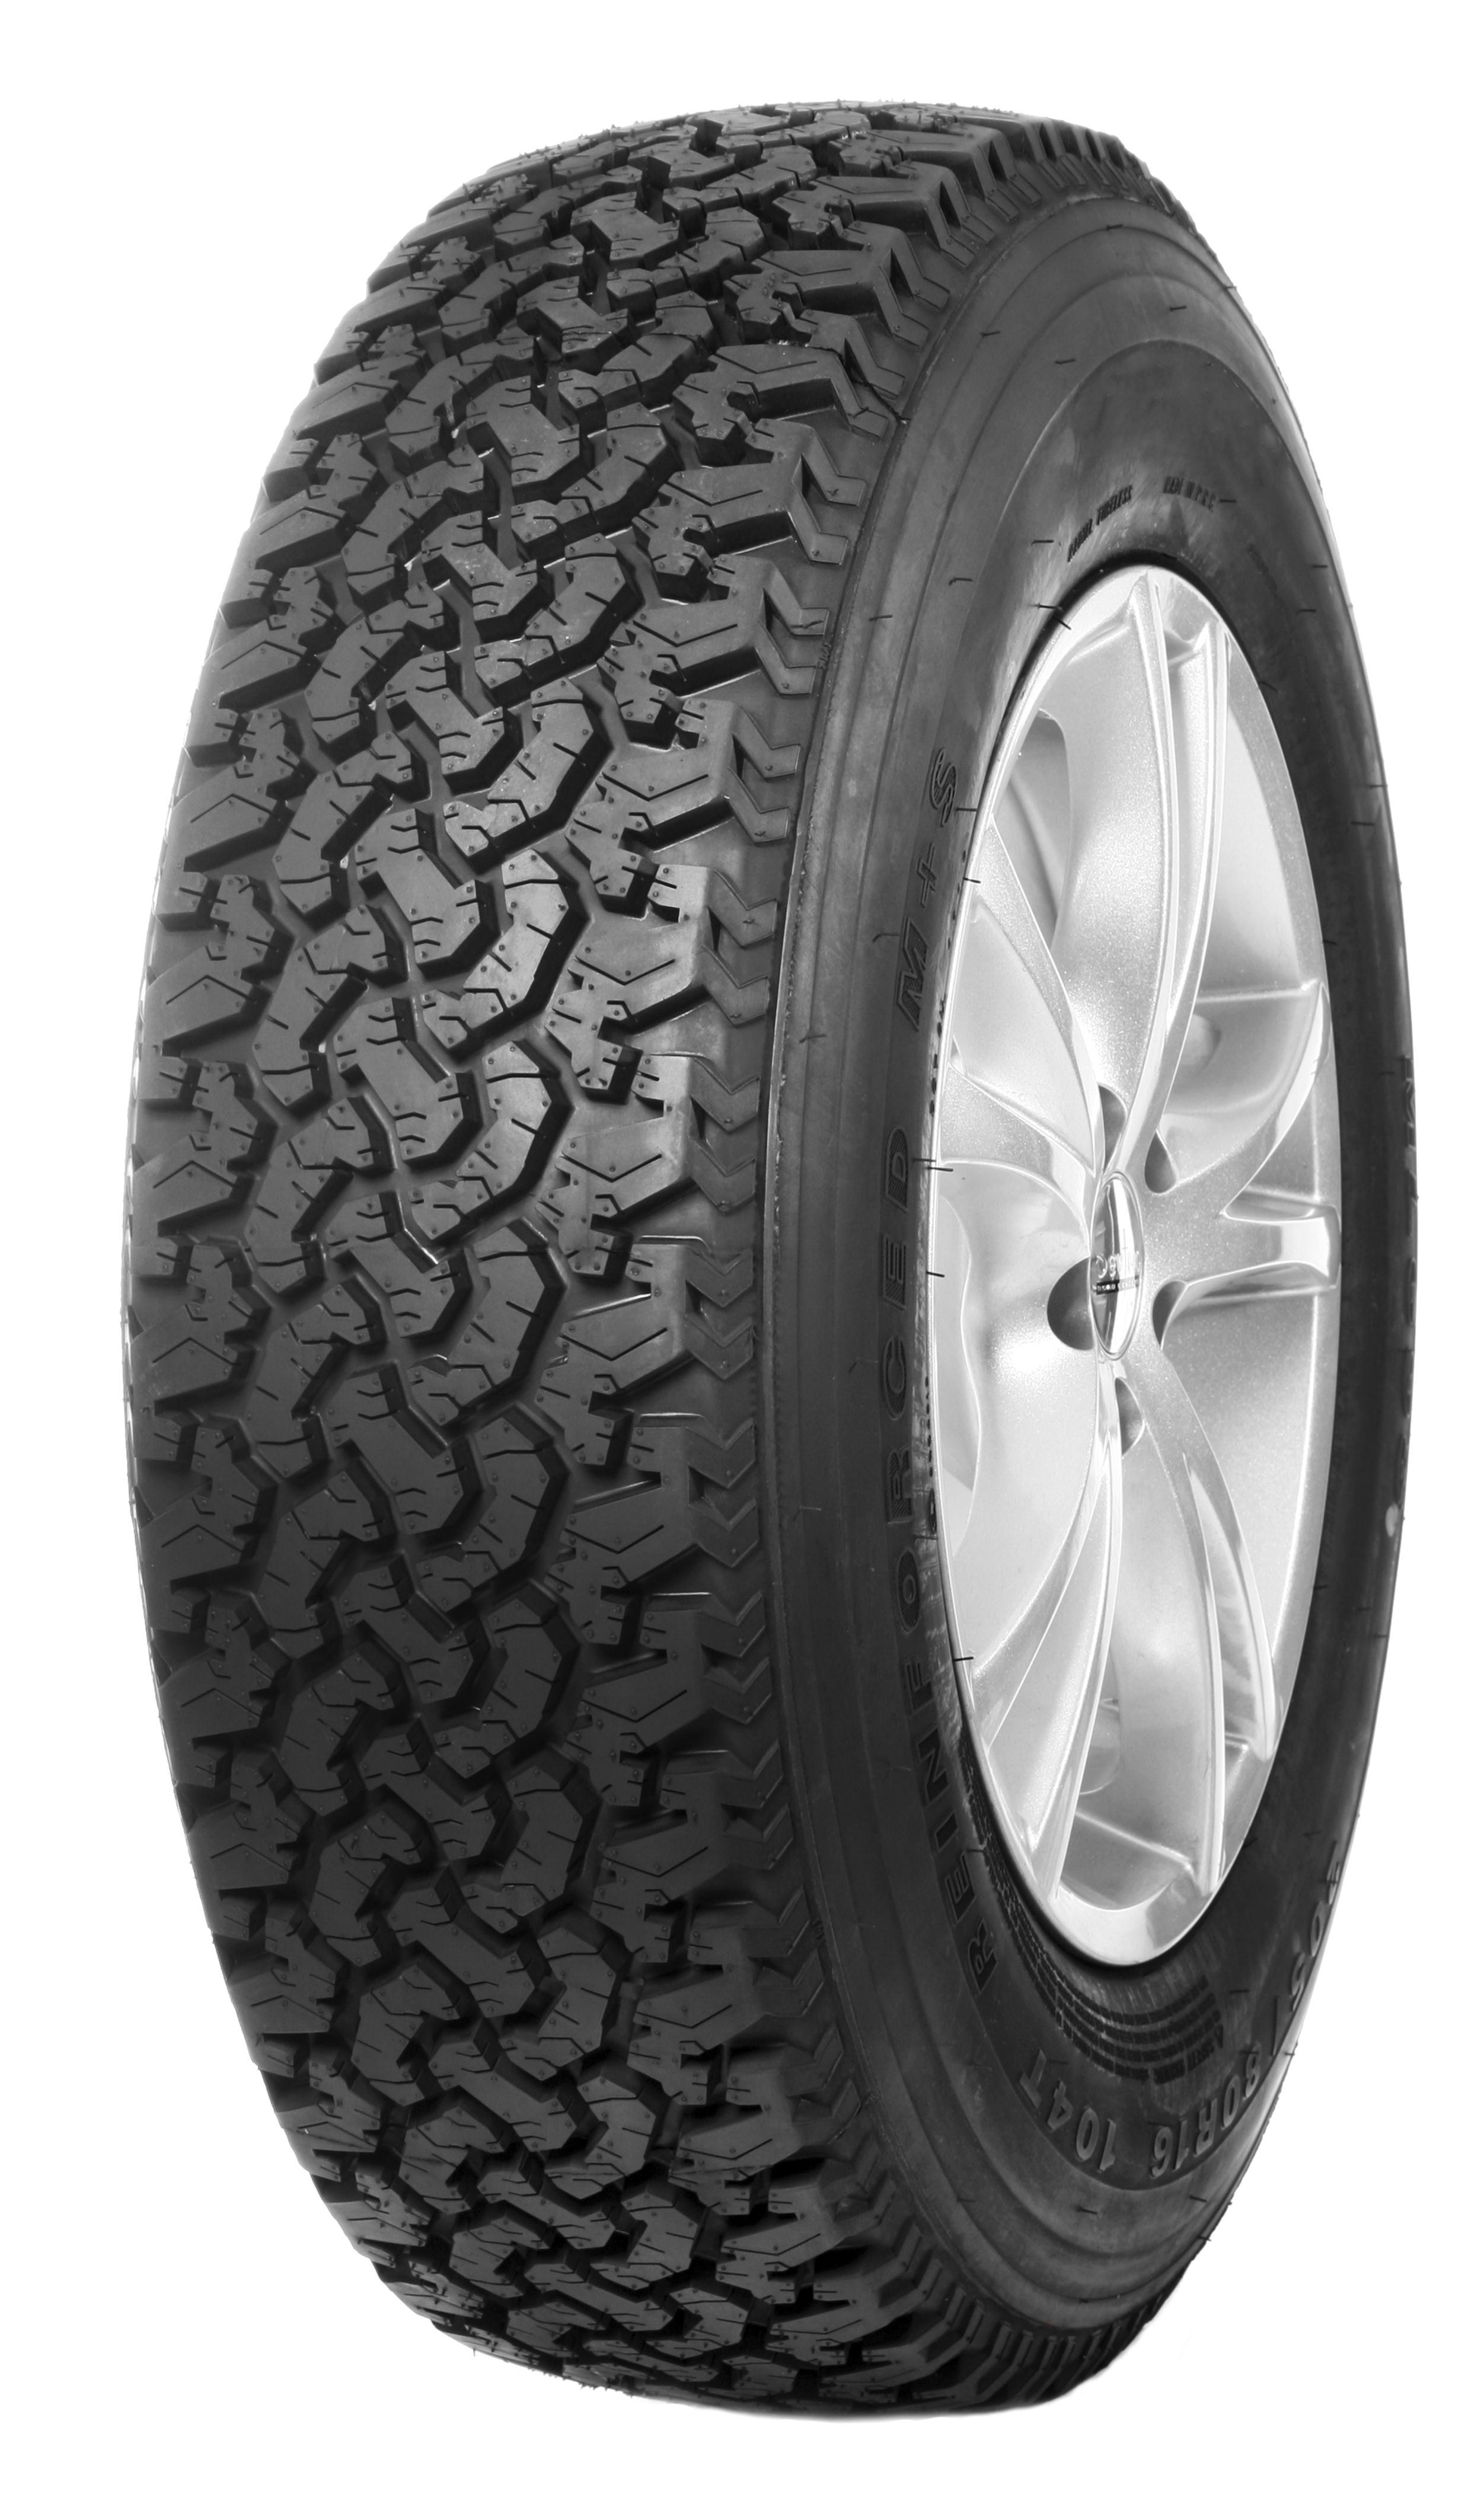 Summer Tyre BARKLEY ENDEAVOR 235/70R16 106 T